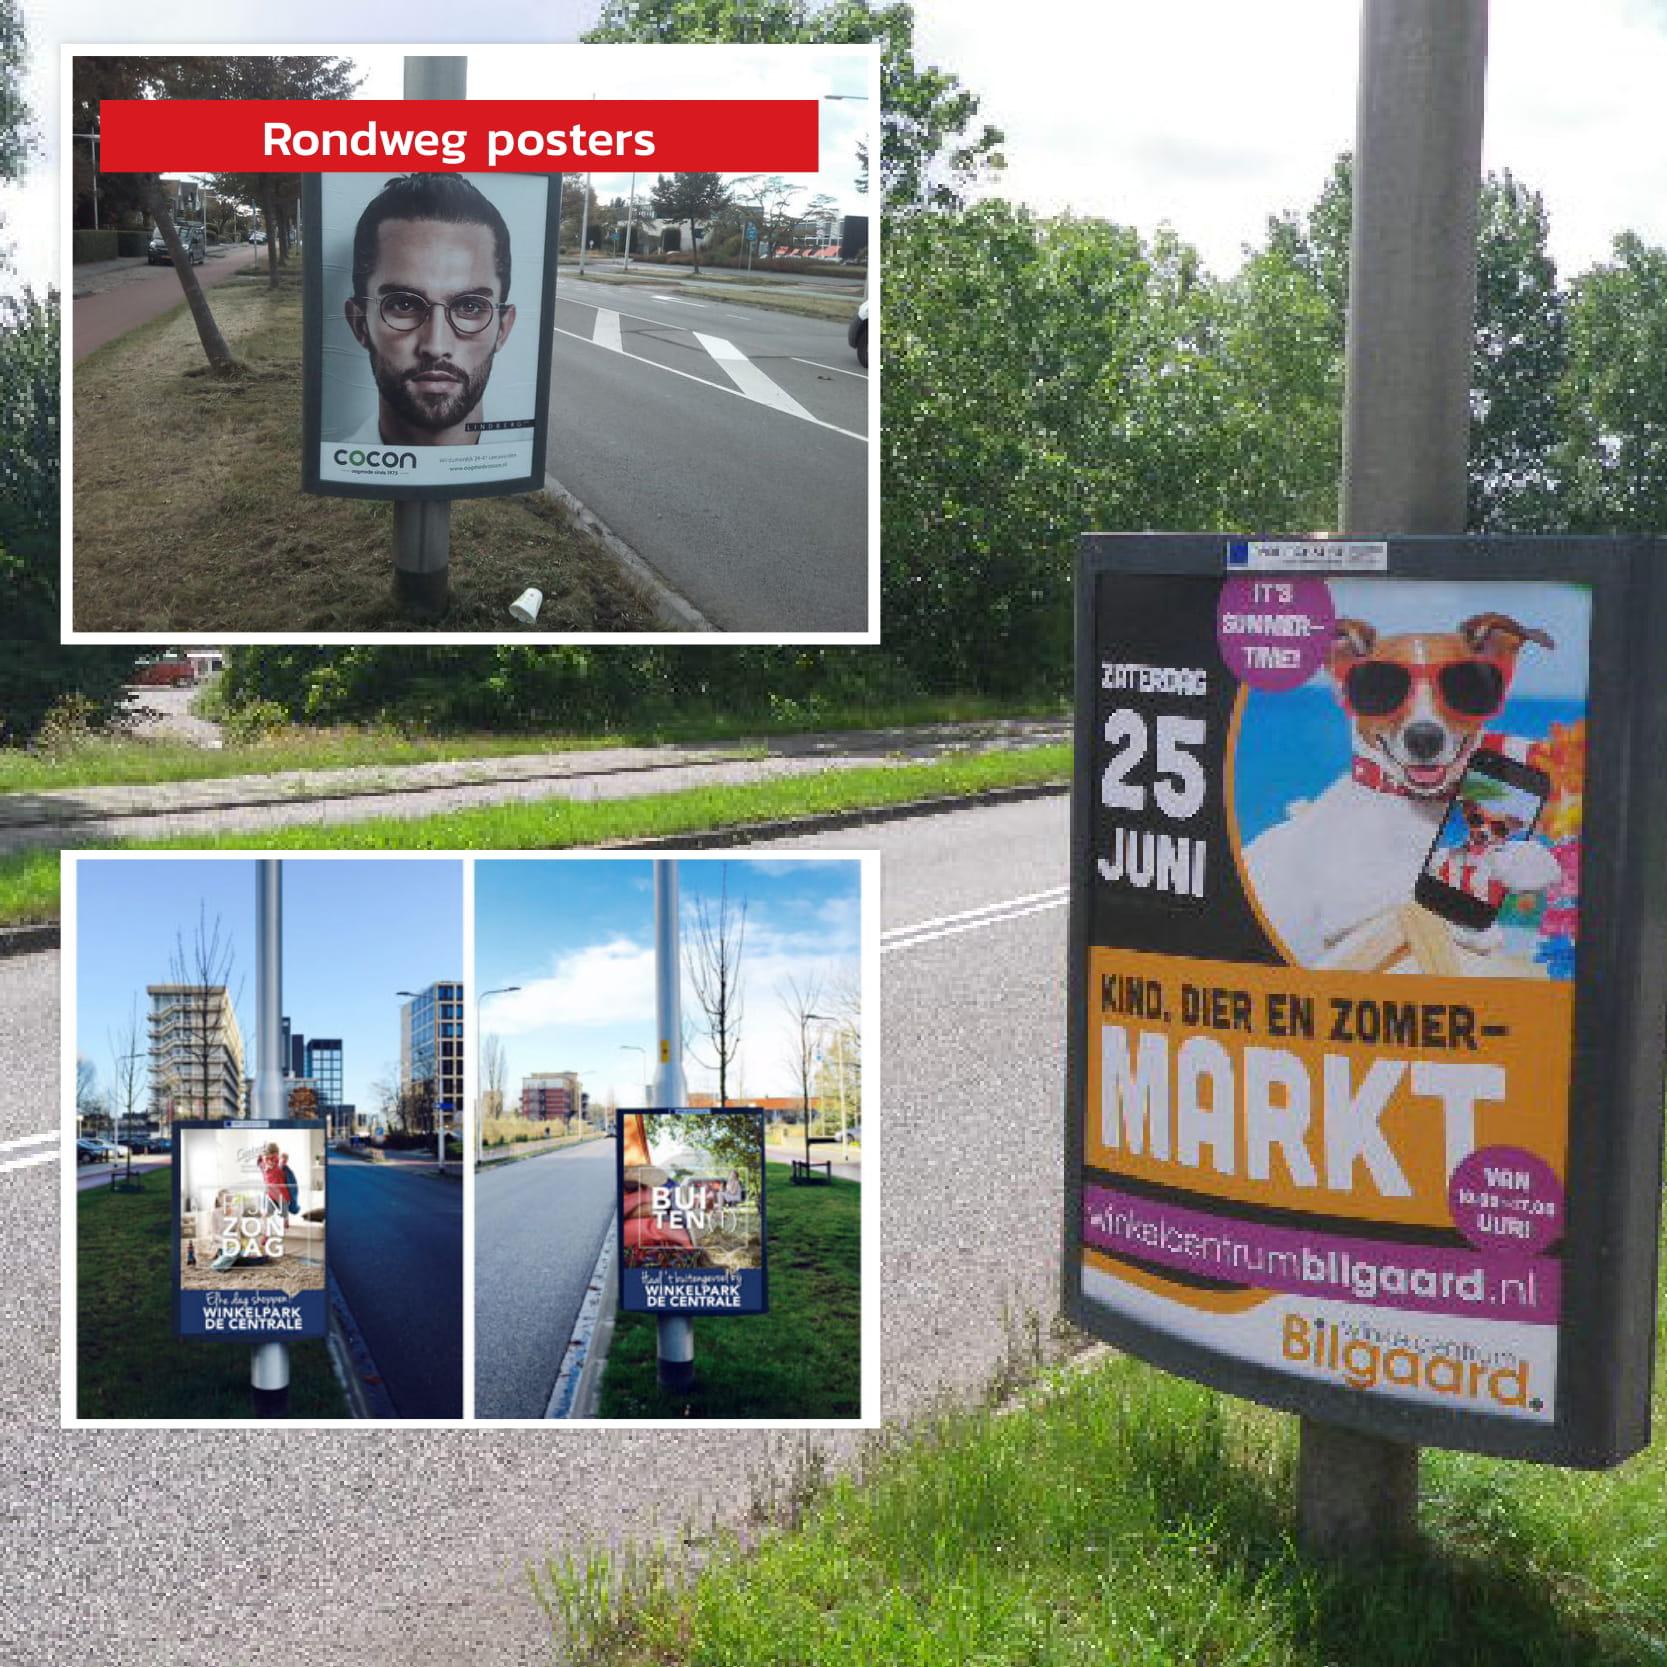 Rondweg posters